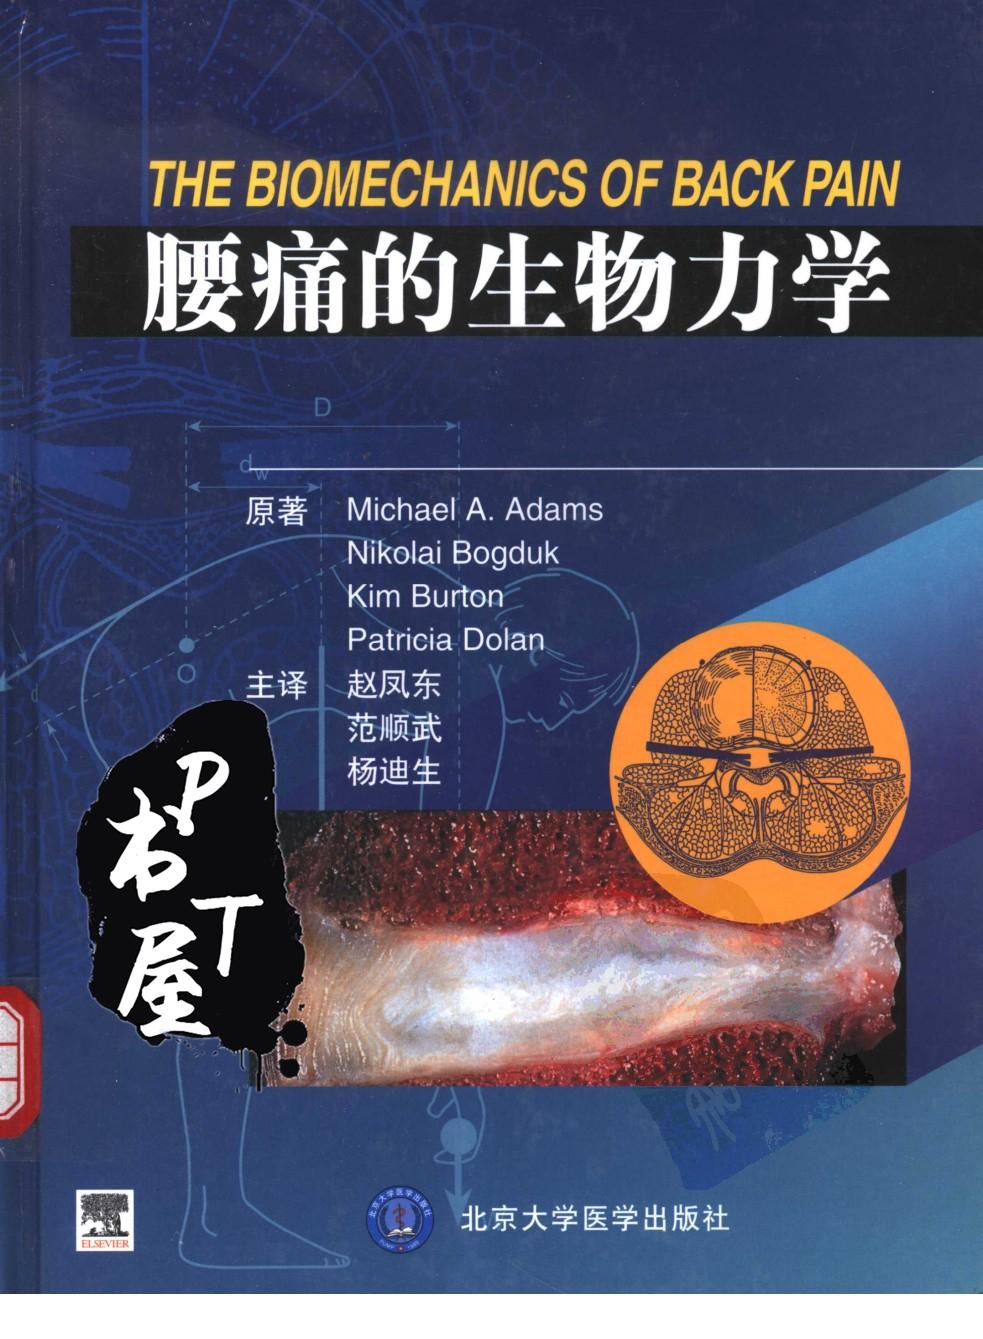 腰痛的生物力学 Book Cover